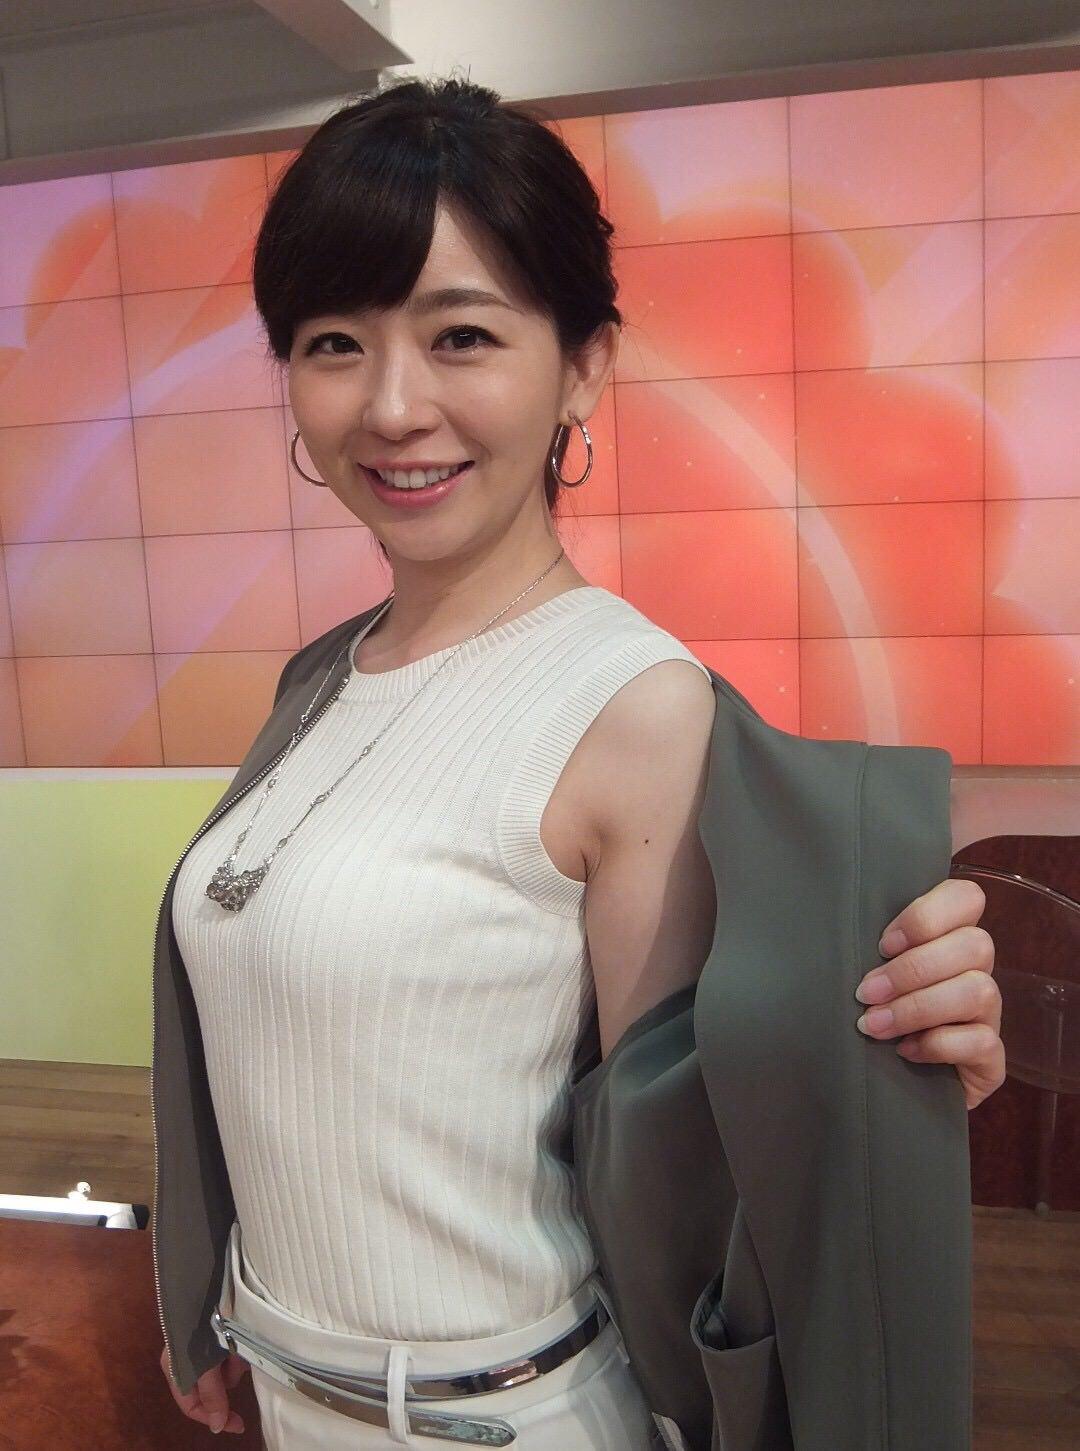 松尾由美子アナ(38)「よく寝てる間に着てるモノがはだける」